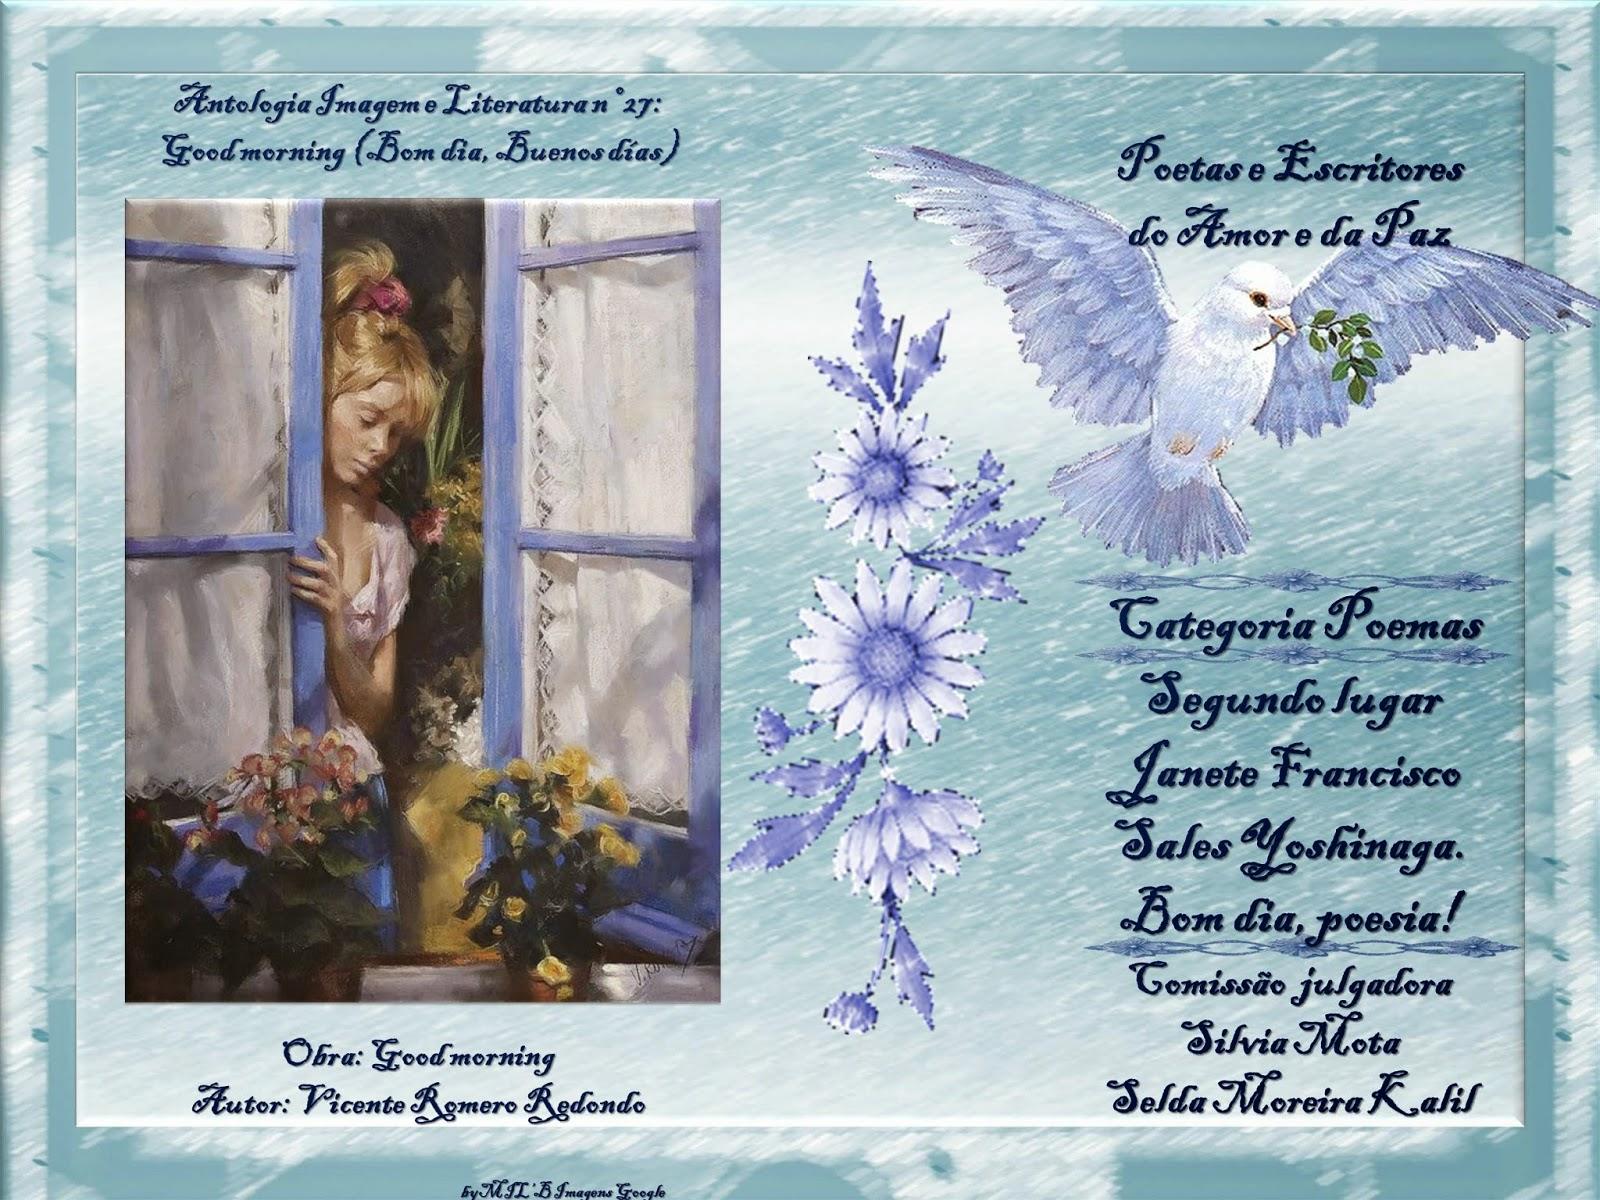 http://silviamota.ning.com/group/antologia-imagem-e-literatura/forum/topics/bom-dia-poesia?xg_source=activity